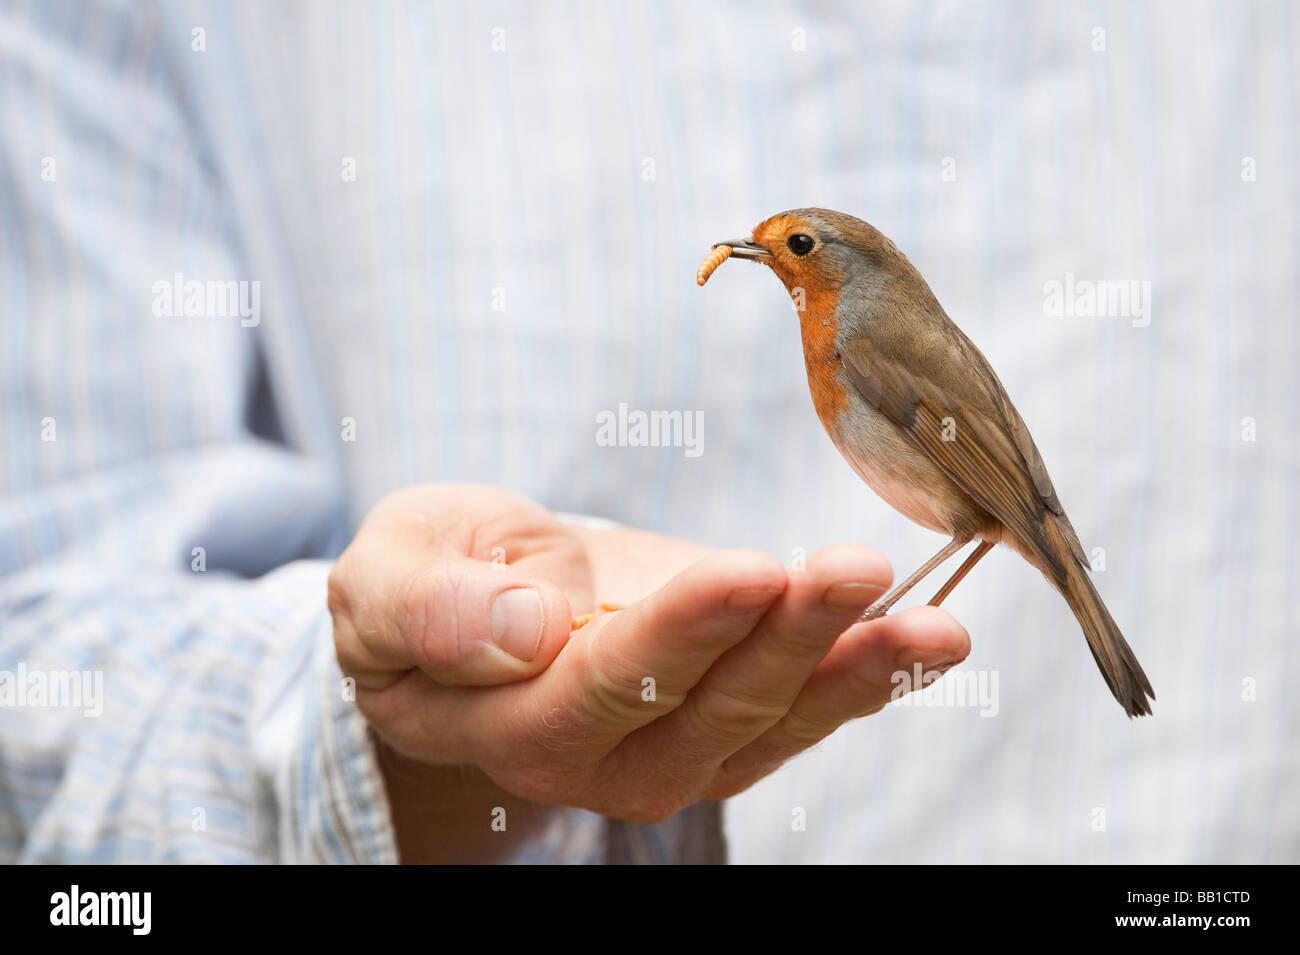 Robin se nourrit de vers de farine à partir d'une main Le mans Photo Stock